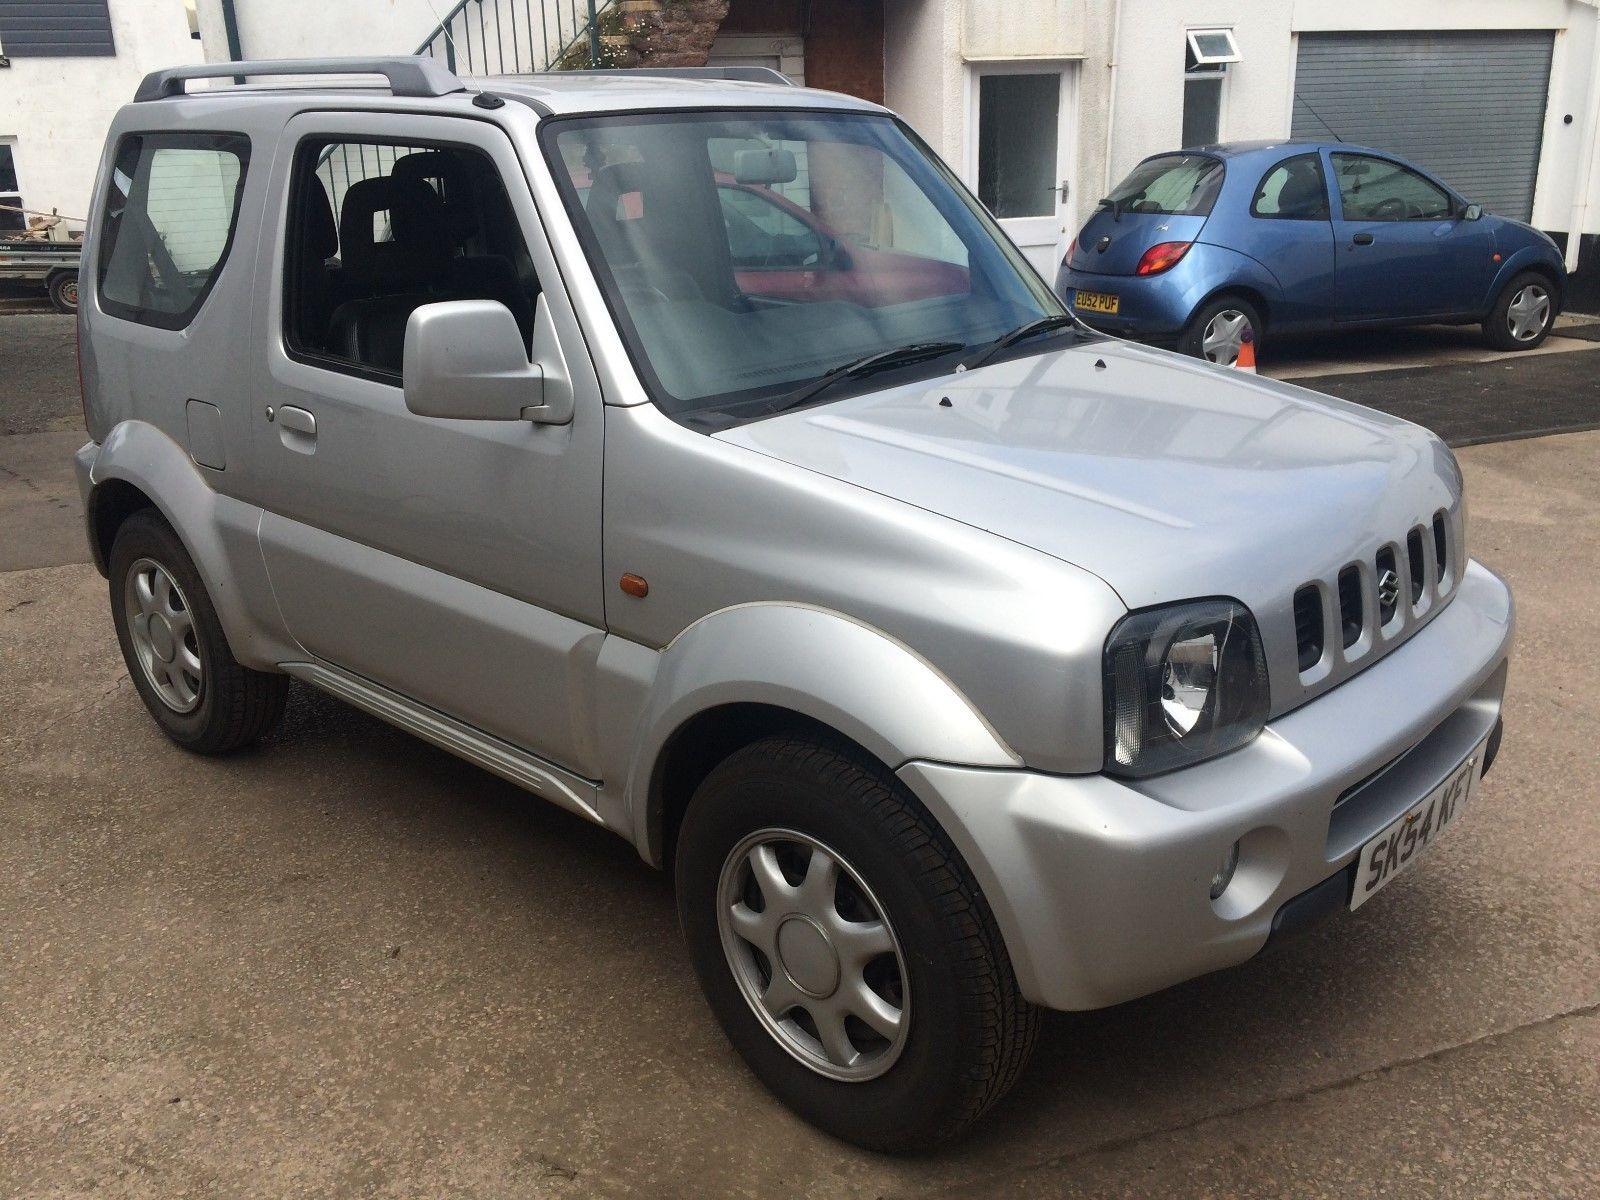 eBay: Suzuki Jimny Spares or Repair 47K MILES #carparts #carrepair